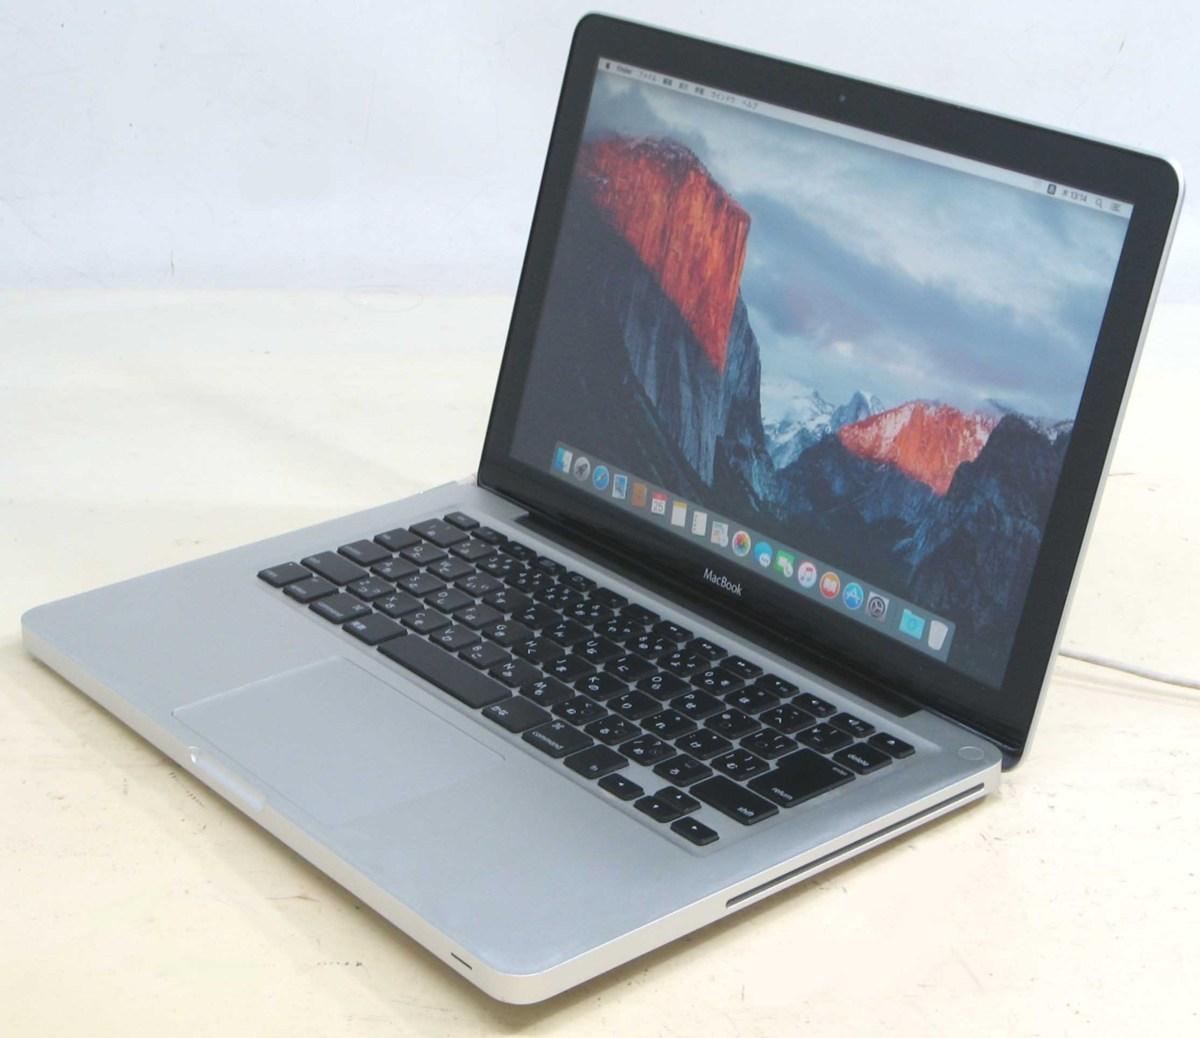 ノートパソコン アップル マックブック Apple MacBook MB466J/A Core2Duo 2.0GHz メモリ4GB HDD160GB 中古Macintosh 中古 ノート PC 【中古】